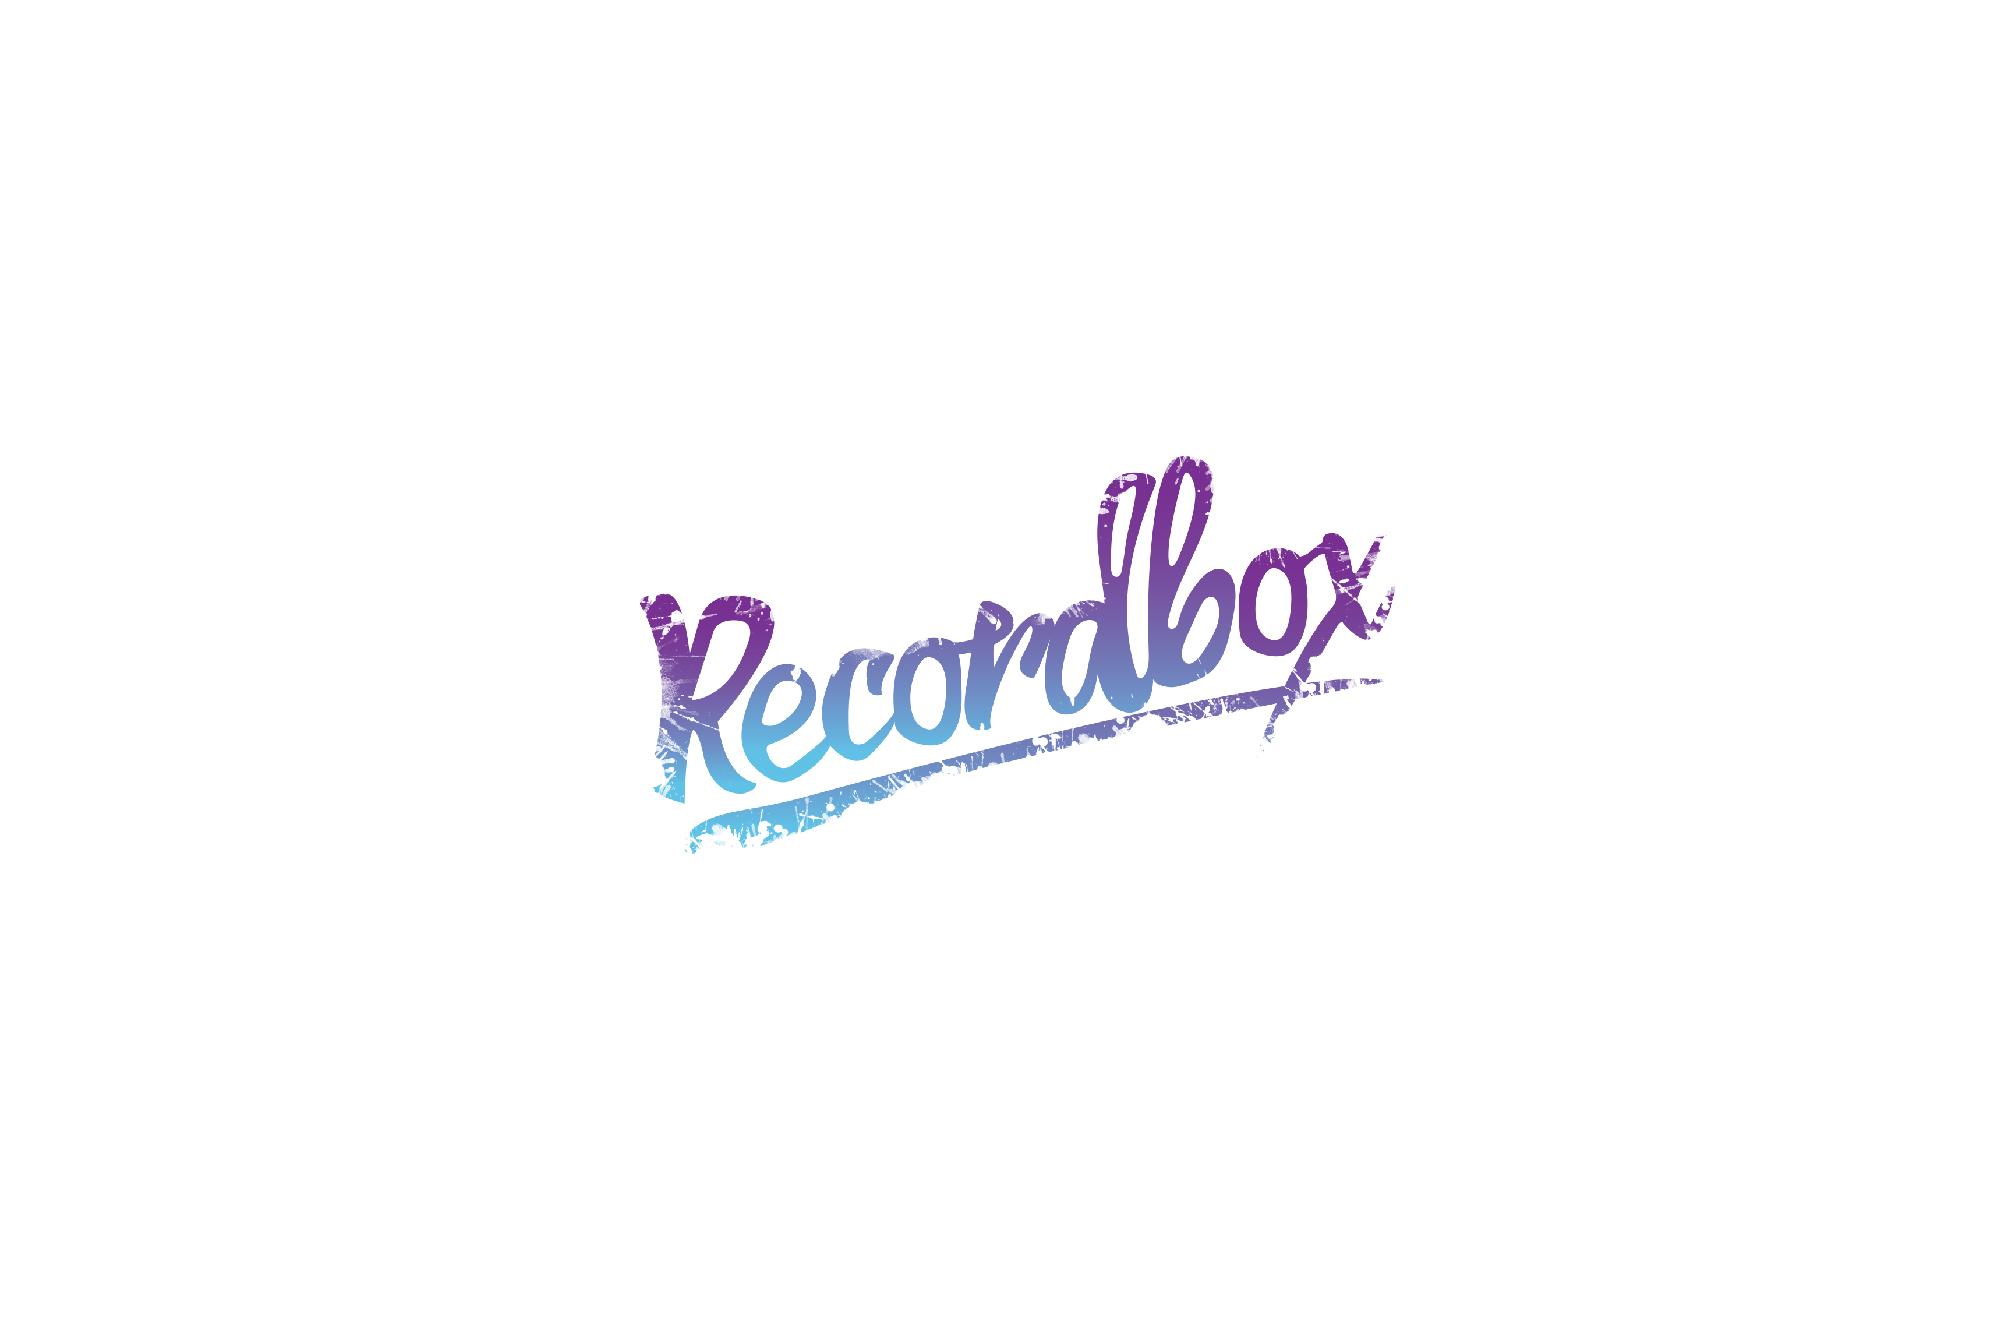 Logofolio-03.jpg